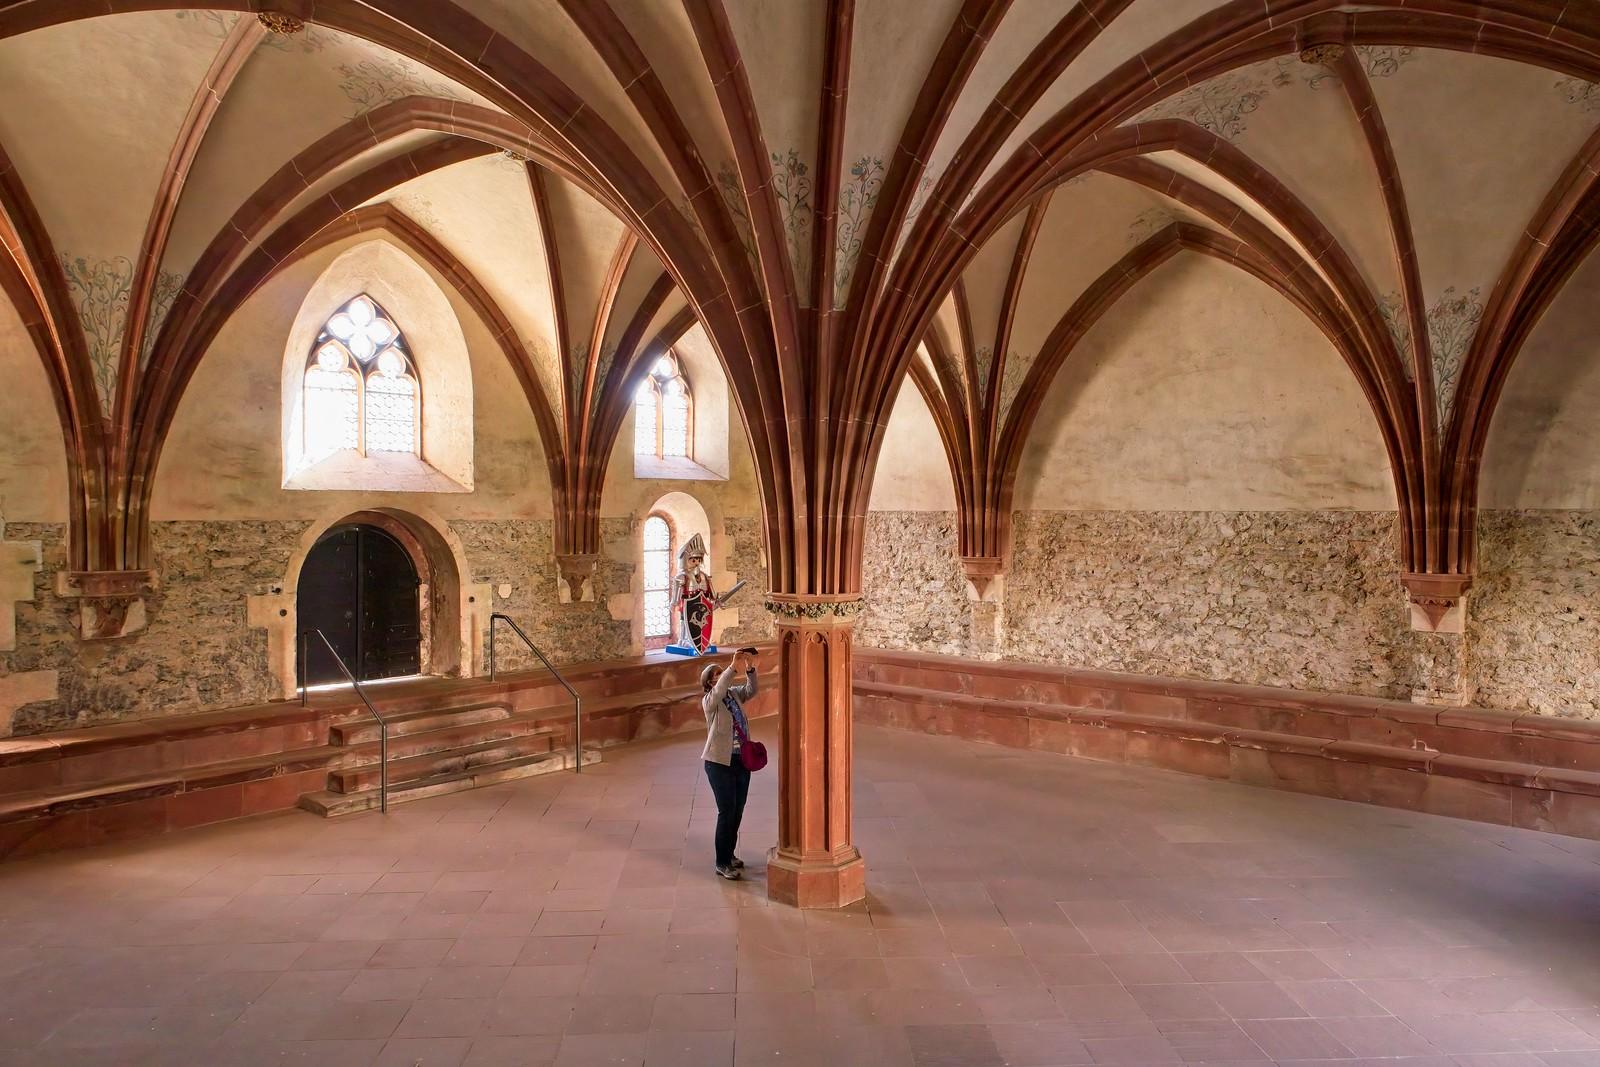 Kapitelsaal (Versammlungsstätte der klösterlichen Gemeinschaft), Kloster Eberbach